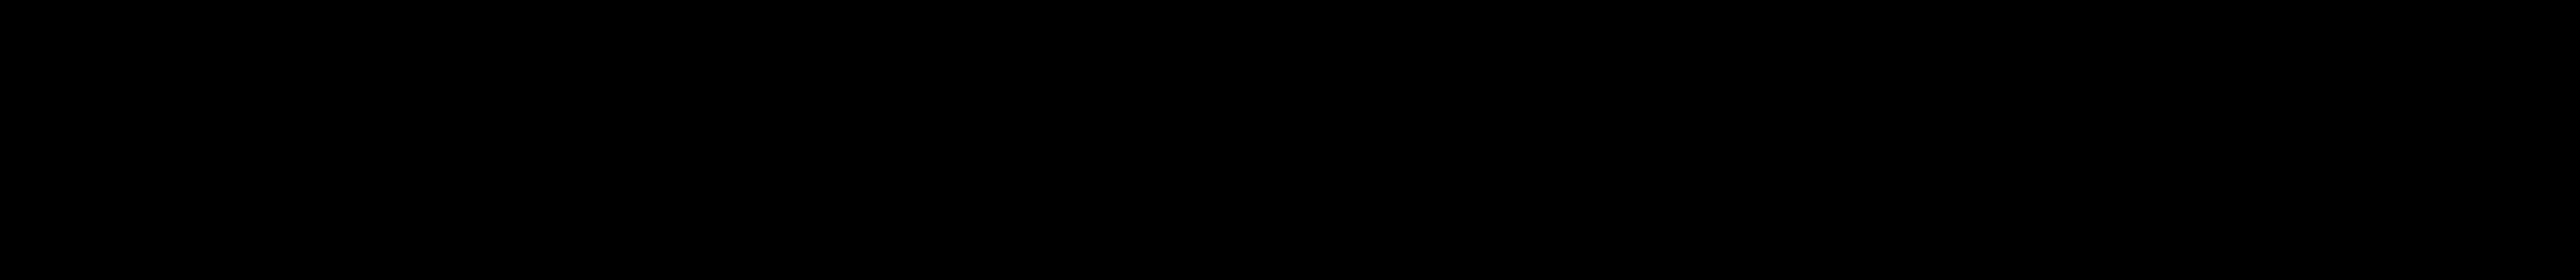 MARKUS STRÖMQVIST